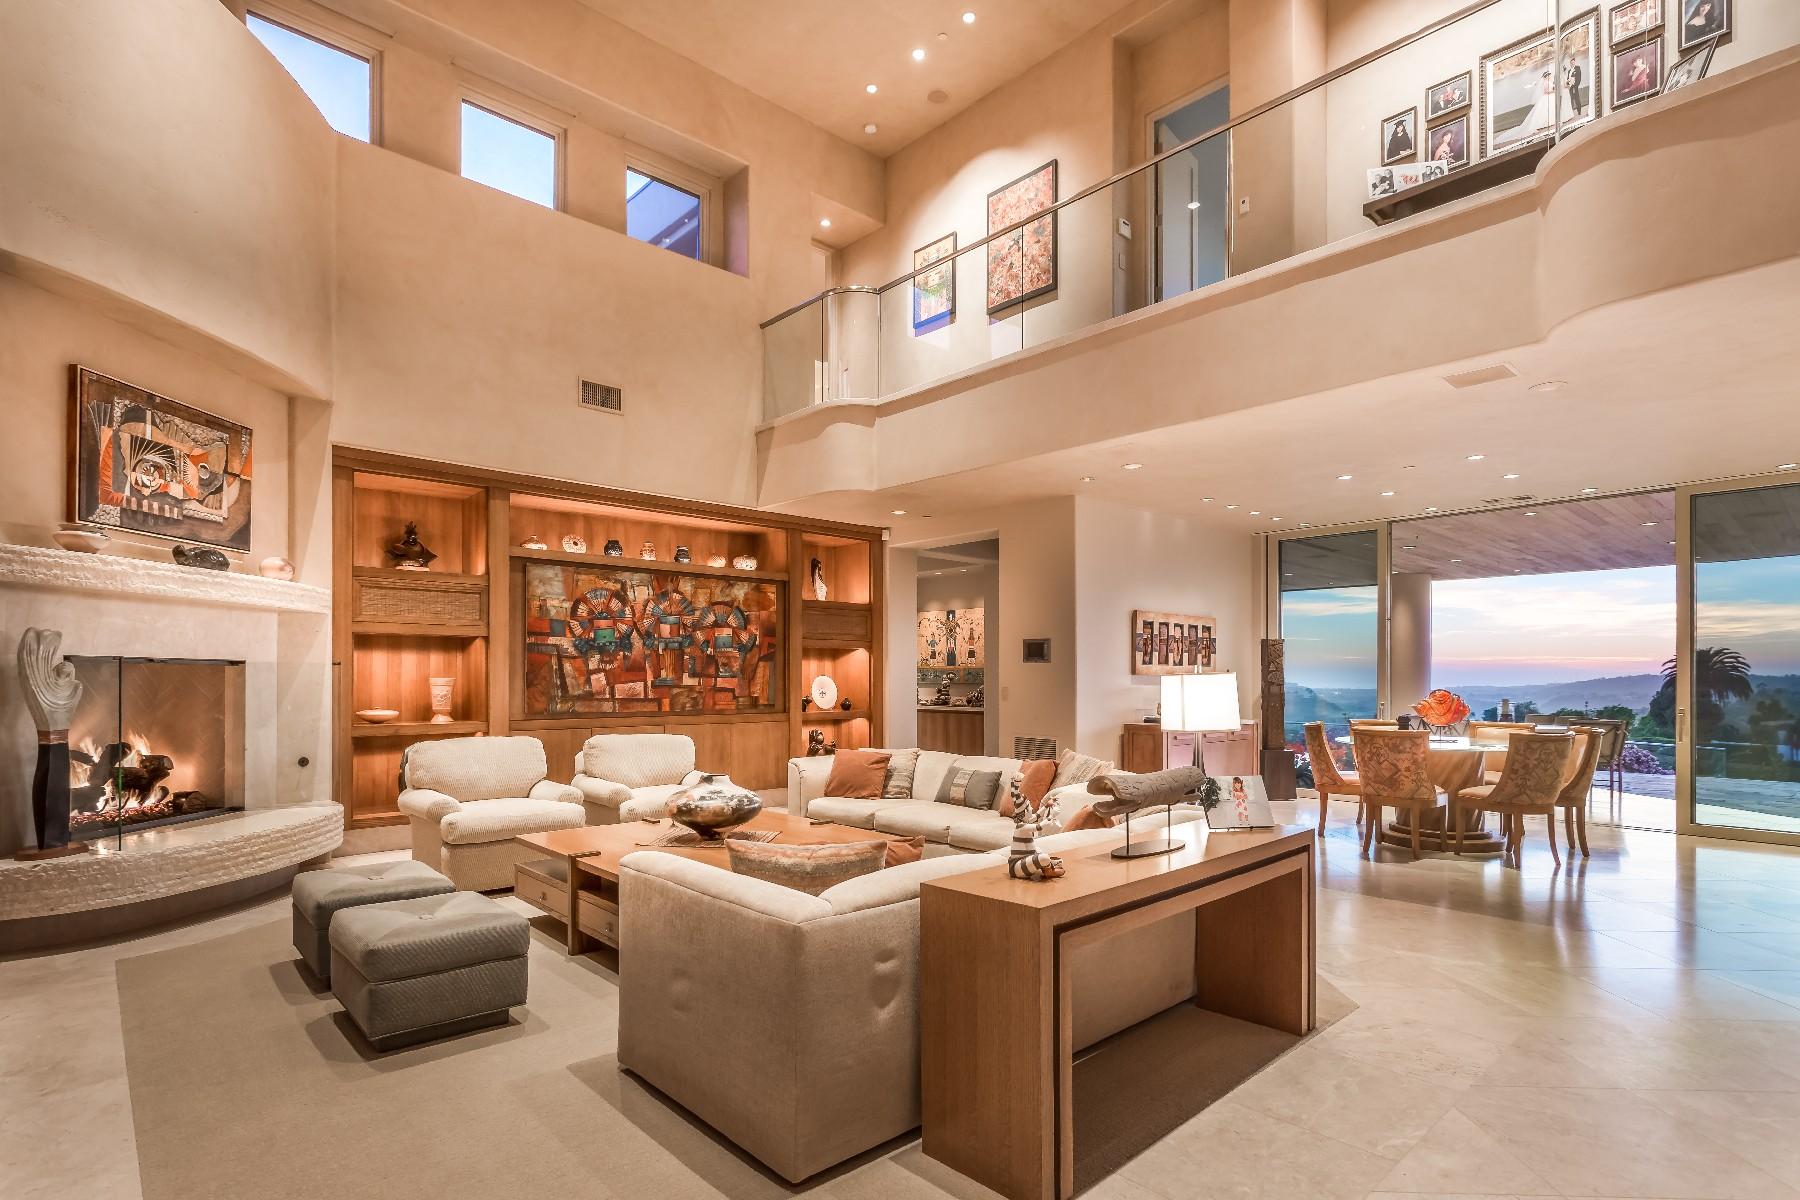 Additional photo for property listing at 14630 Calle Diegueno  Rancho Santa Fe, California 92067 Estados Unidos